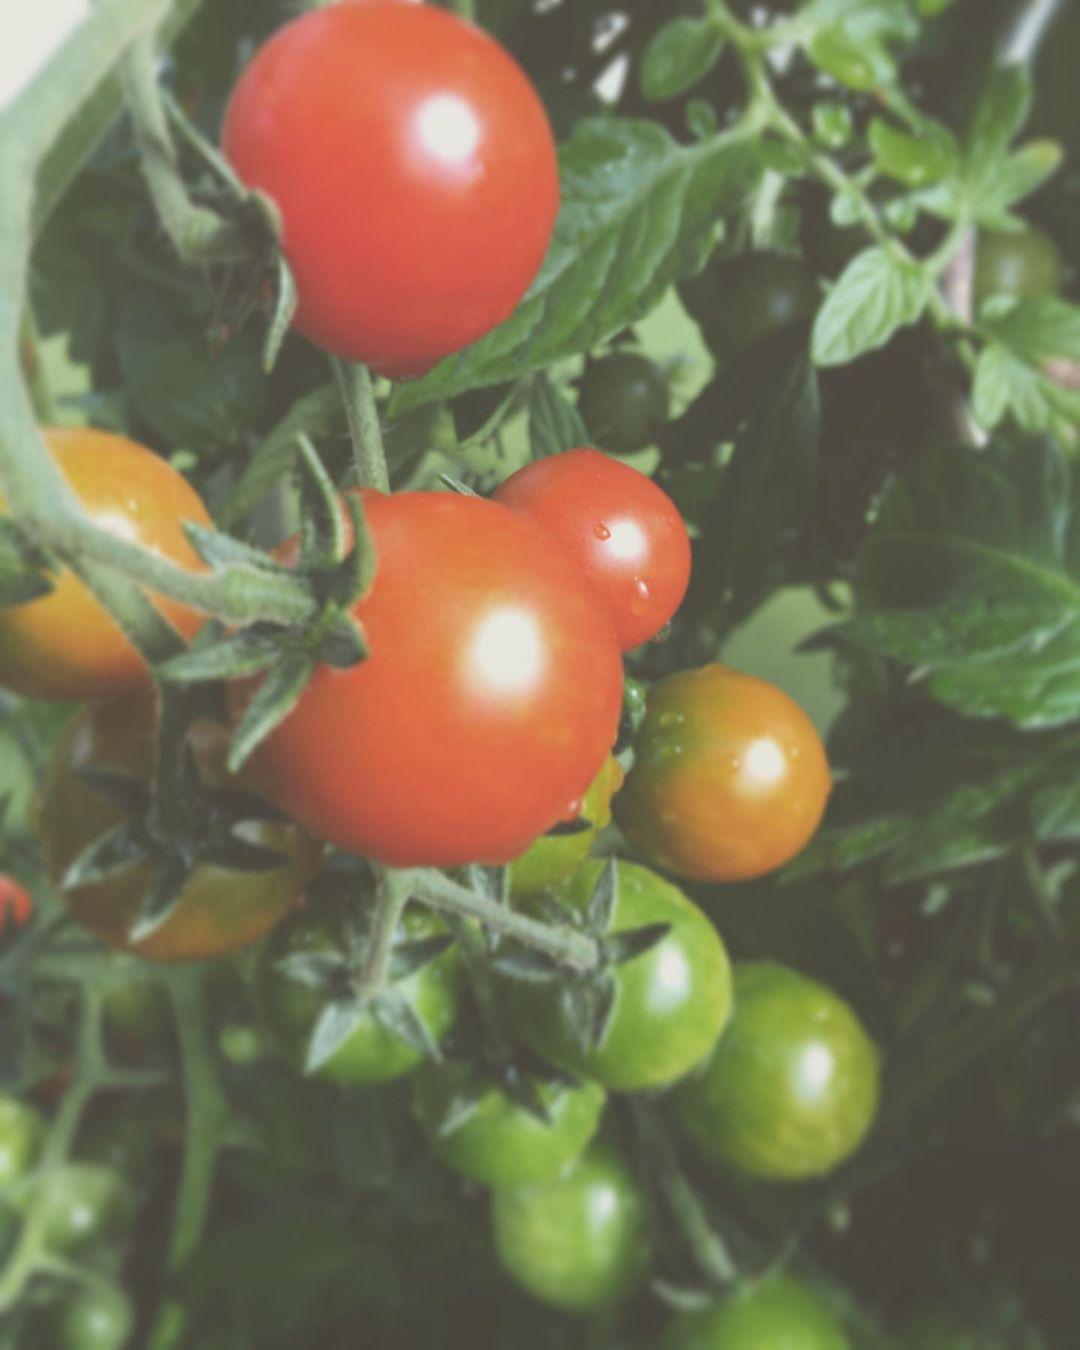 — Die Tomaten im Glashaus spielen alle Farben 🍅😋 — Drückt die Daumen, dass noch viele rot werden ✊🏻✊🏻